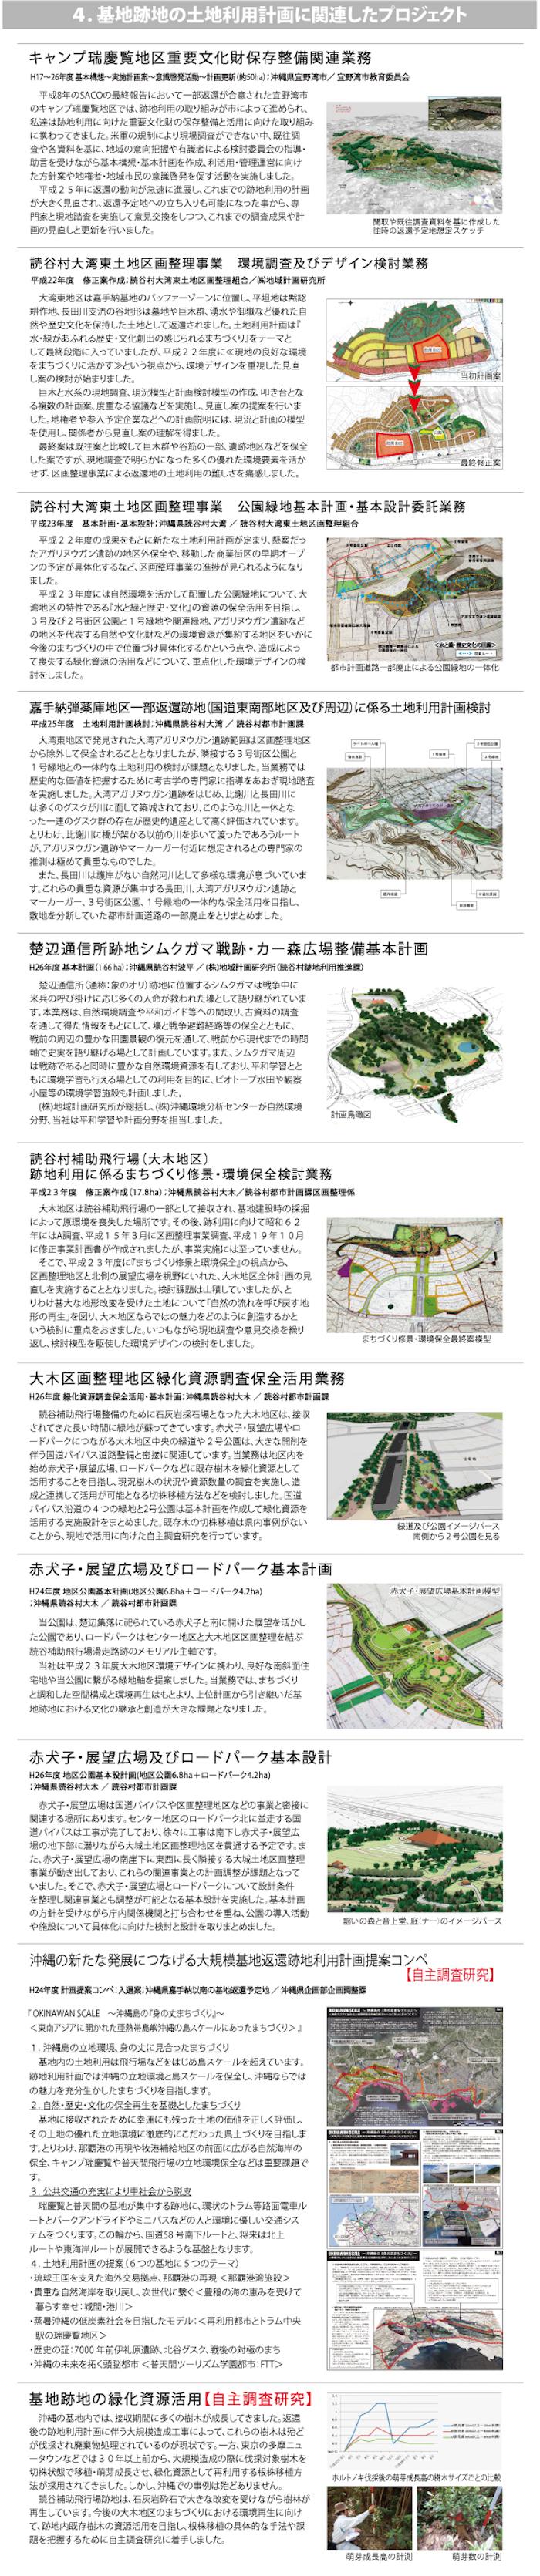 4.基地跡地の土地利用計画に関連したプロジェクト